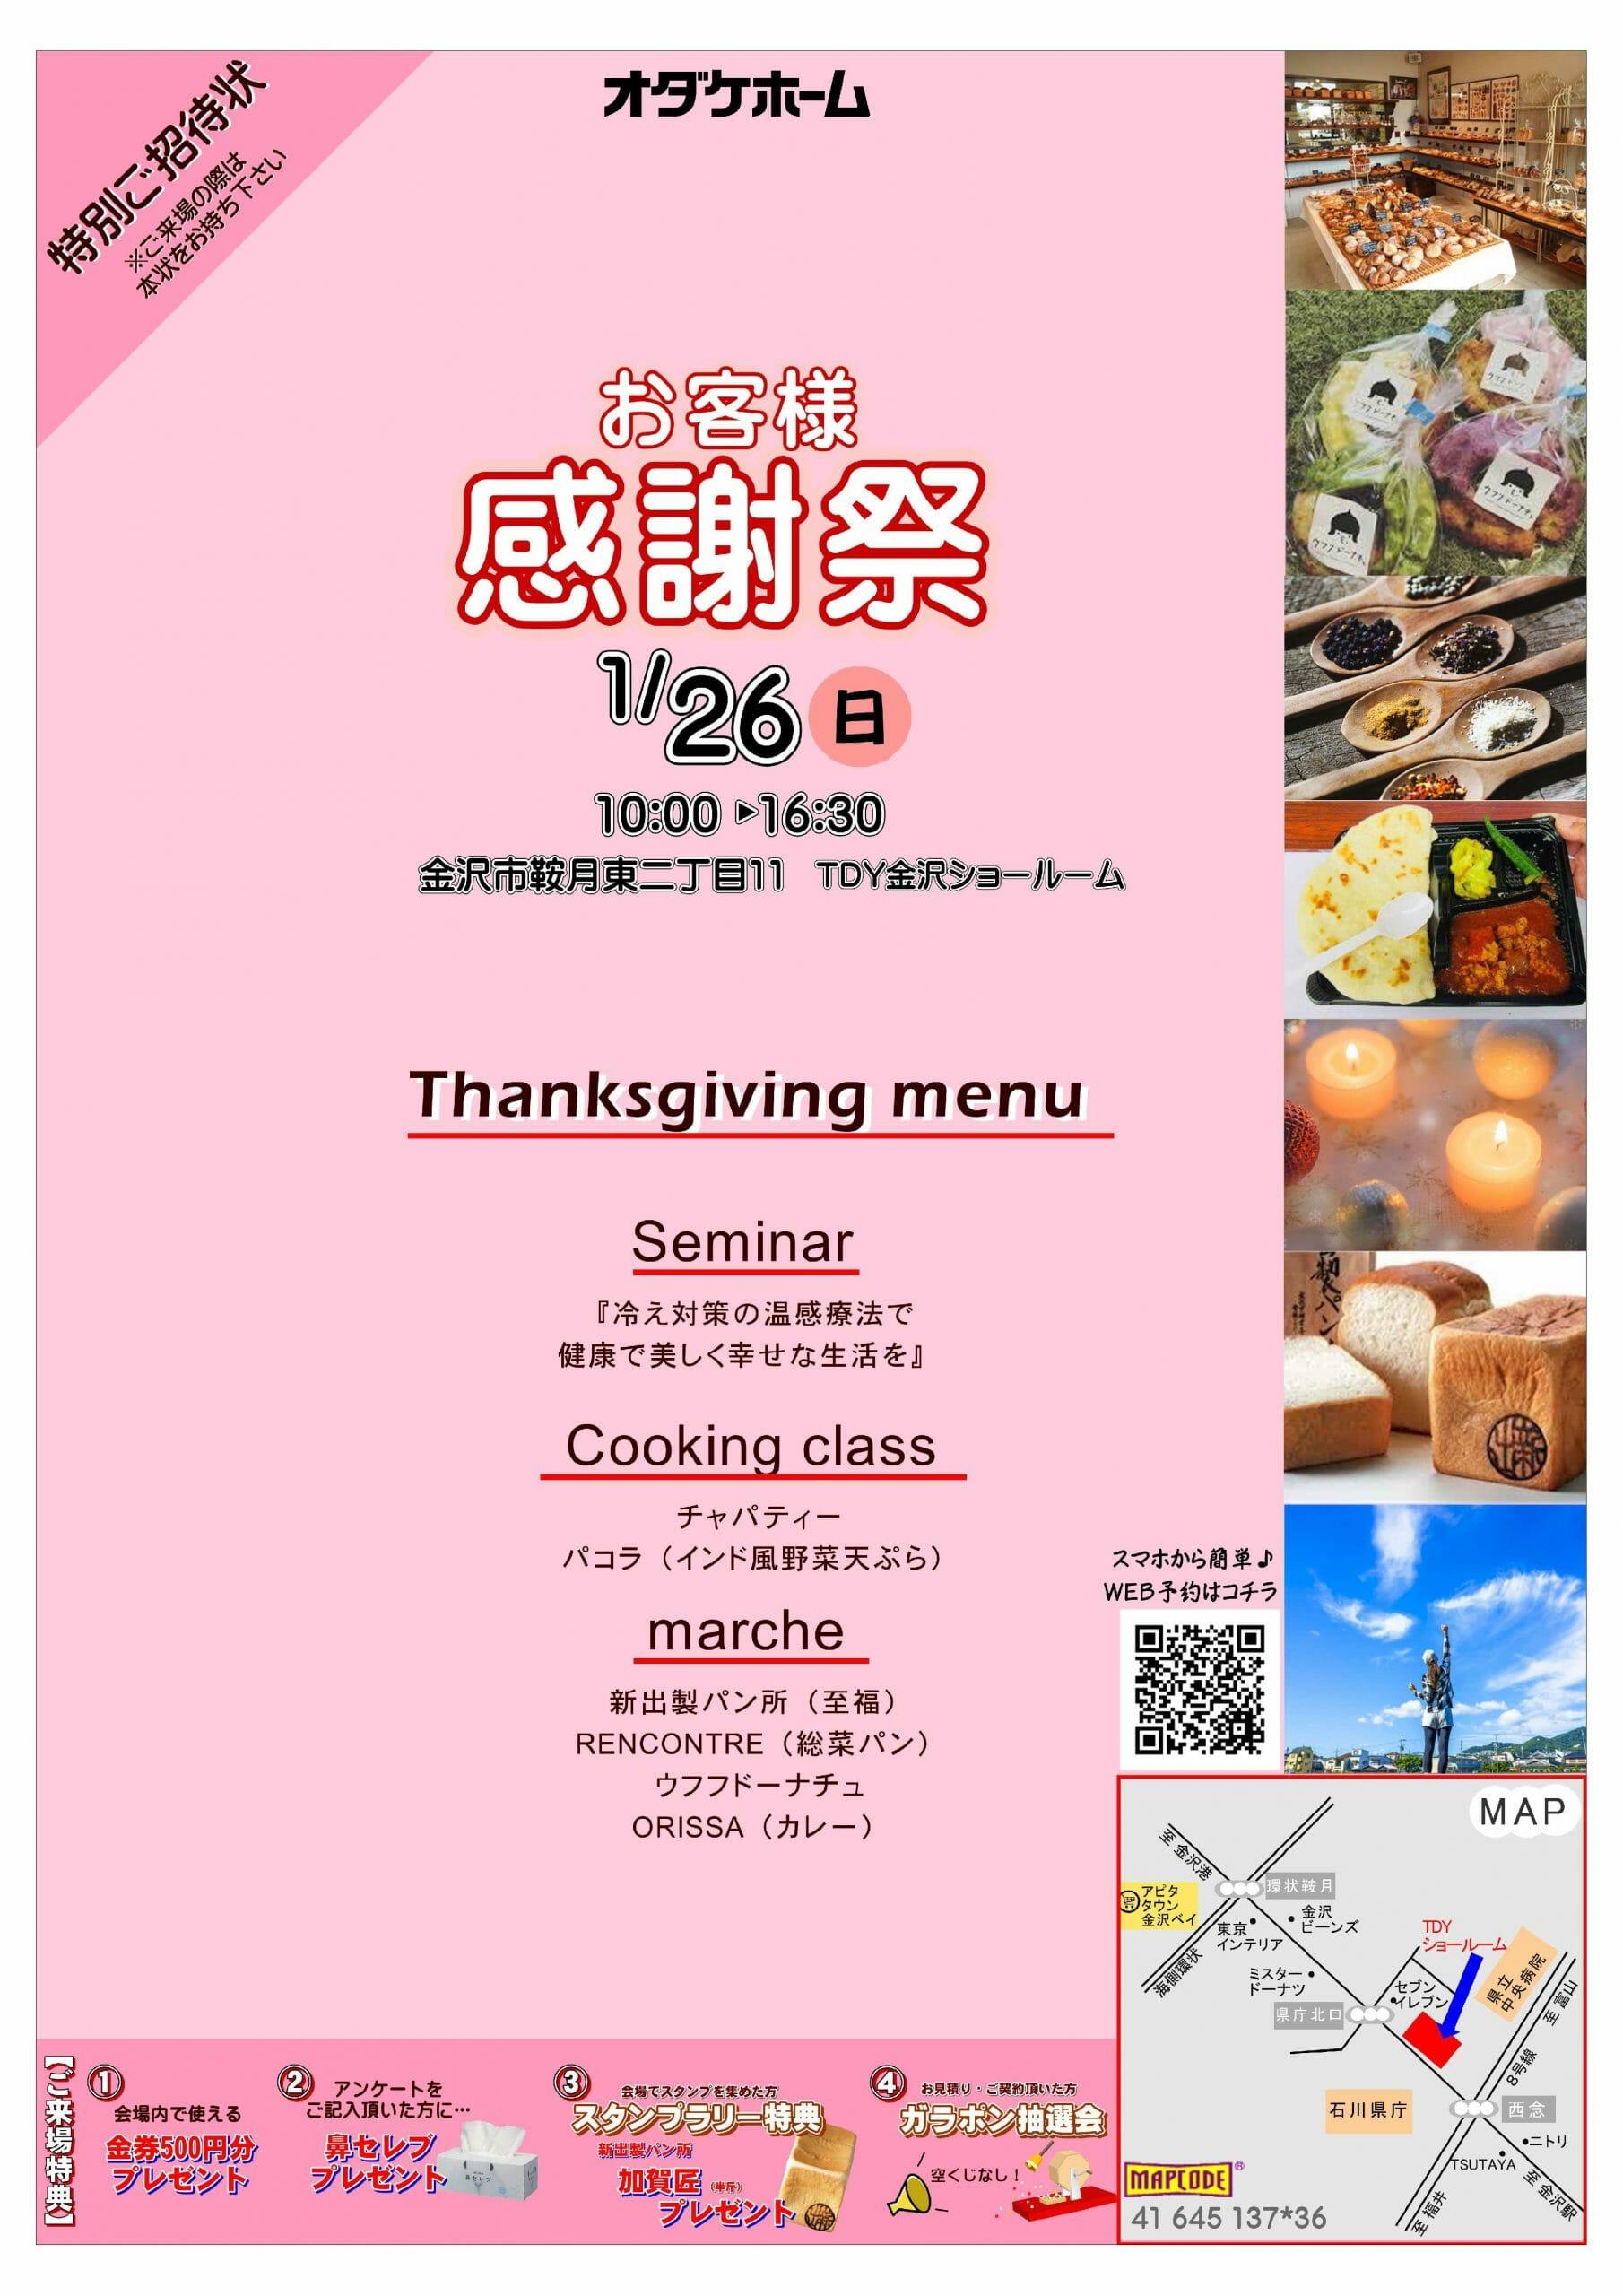 1/26(日)お客様感謝祭in金沢TDYショールーム